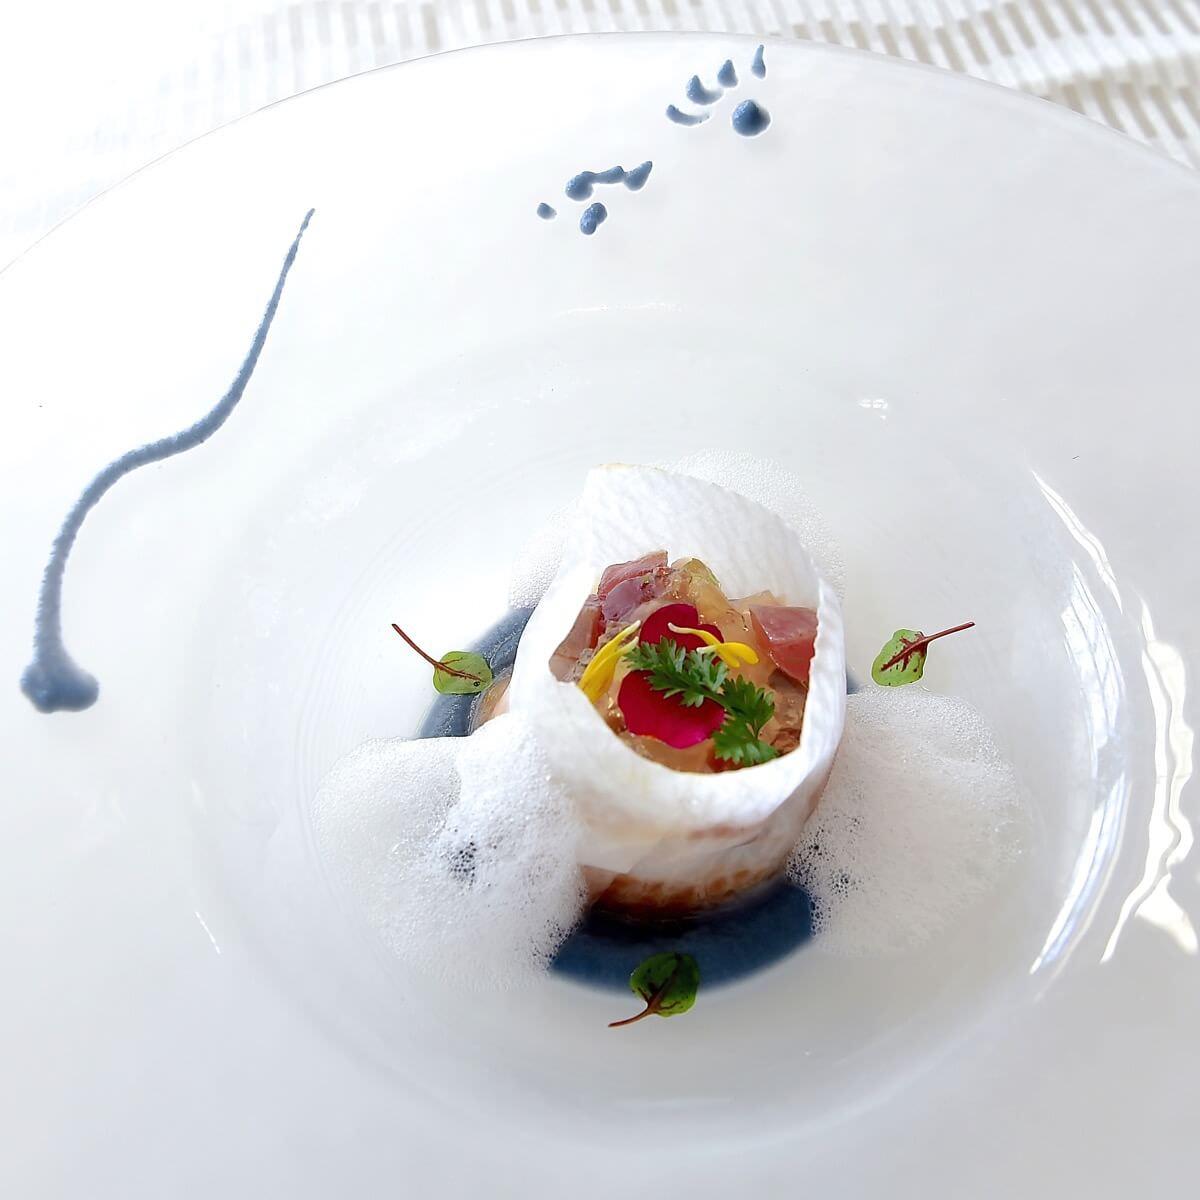 帆立貝と鮪のシトラスマリネとラタトゥイユ  レモングラスのフォーム